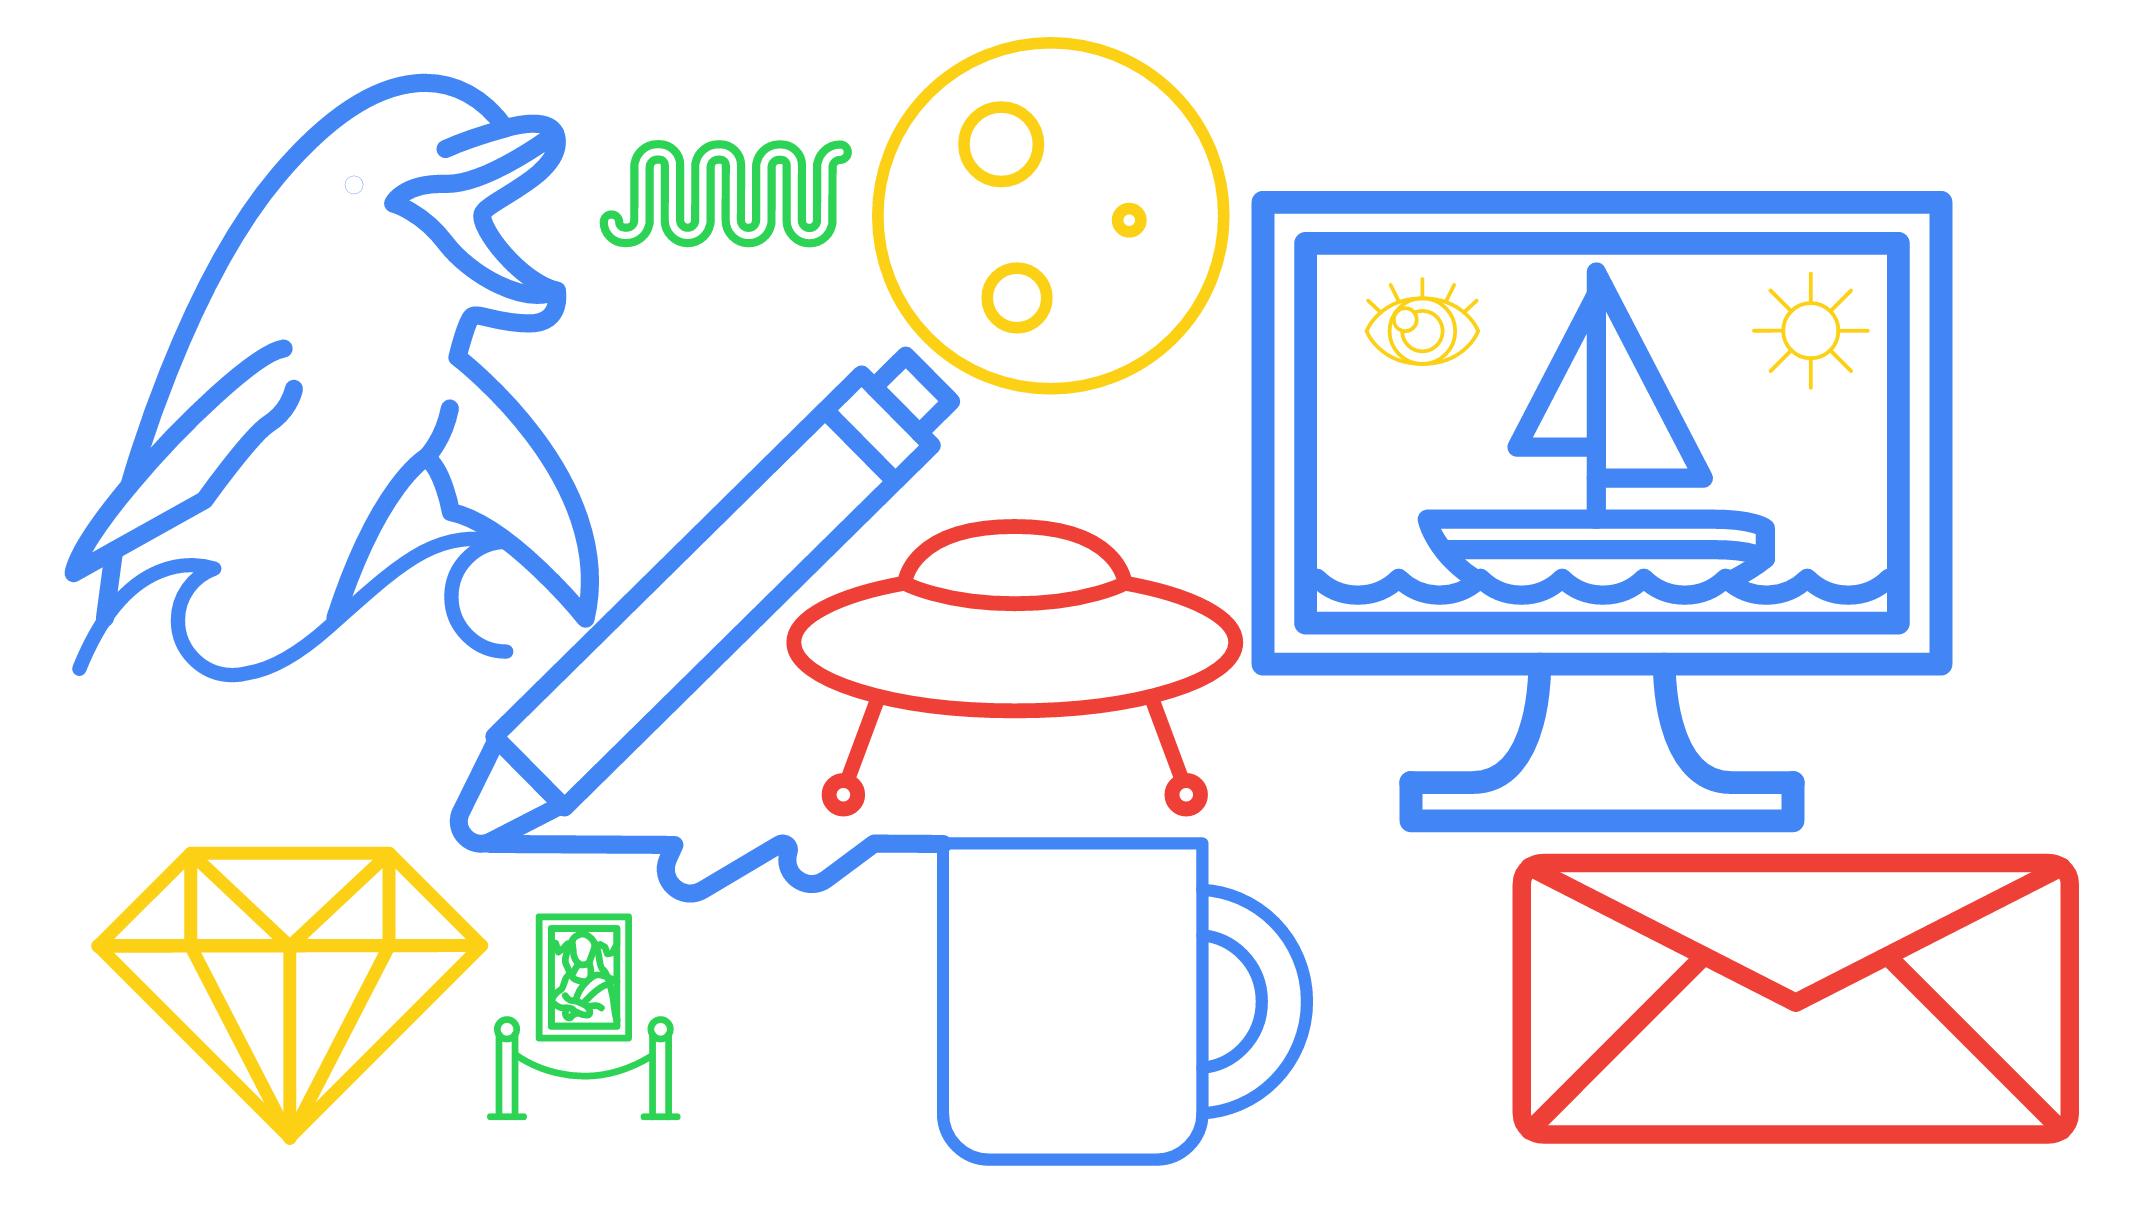 グーグルはなぜAIお絵かきツールAutoDrawを作ったのか?